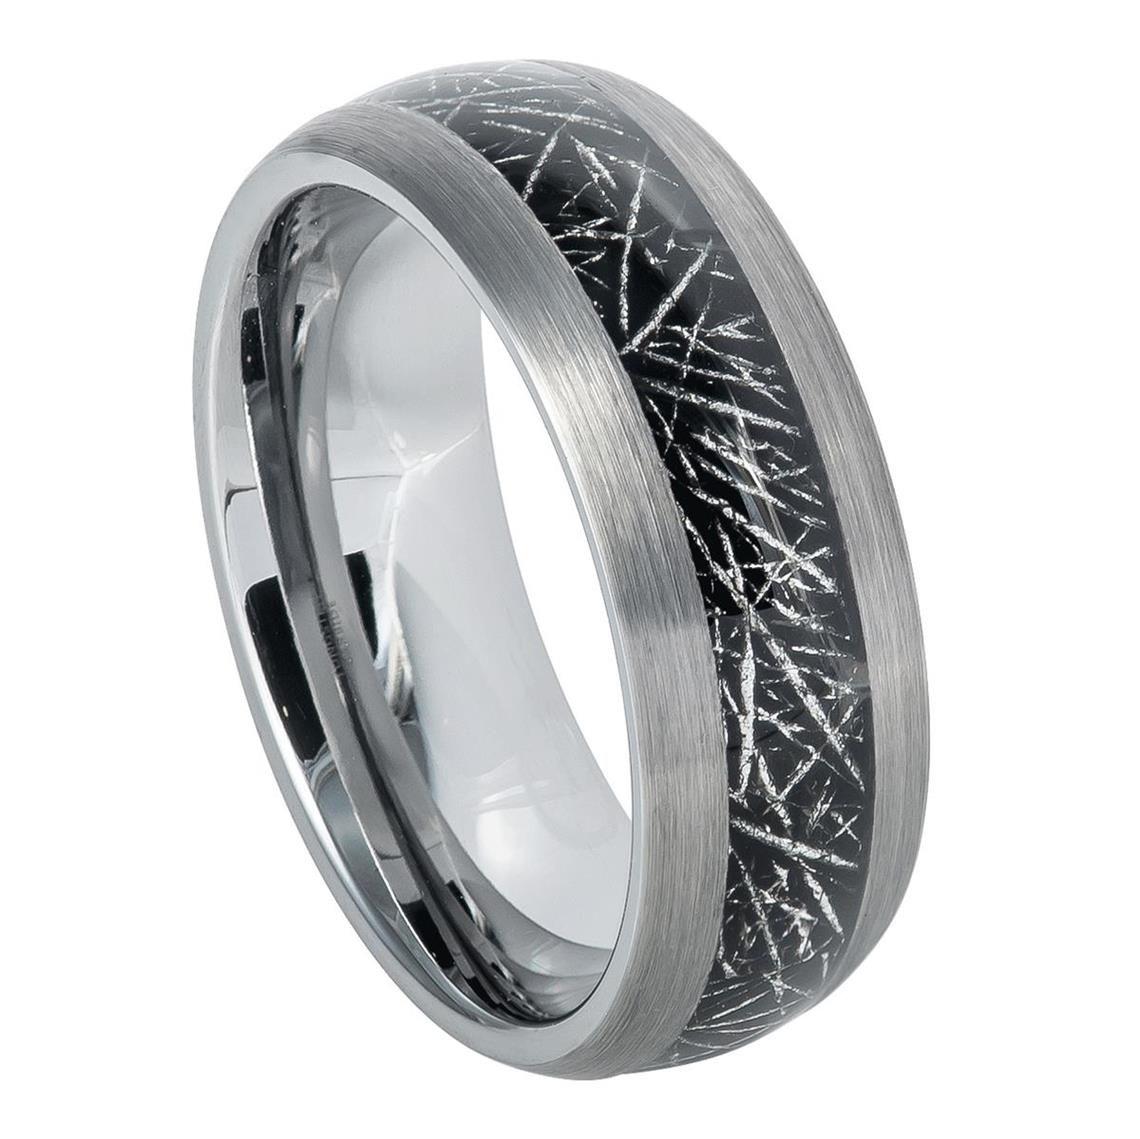 Meteorite Rings, Meteorite Wedding Bands (With images